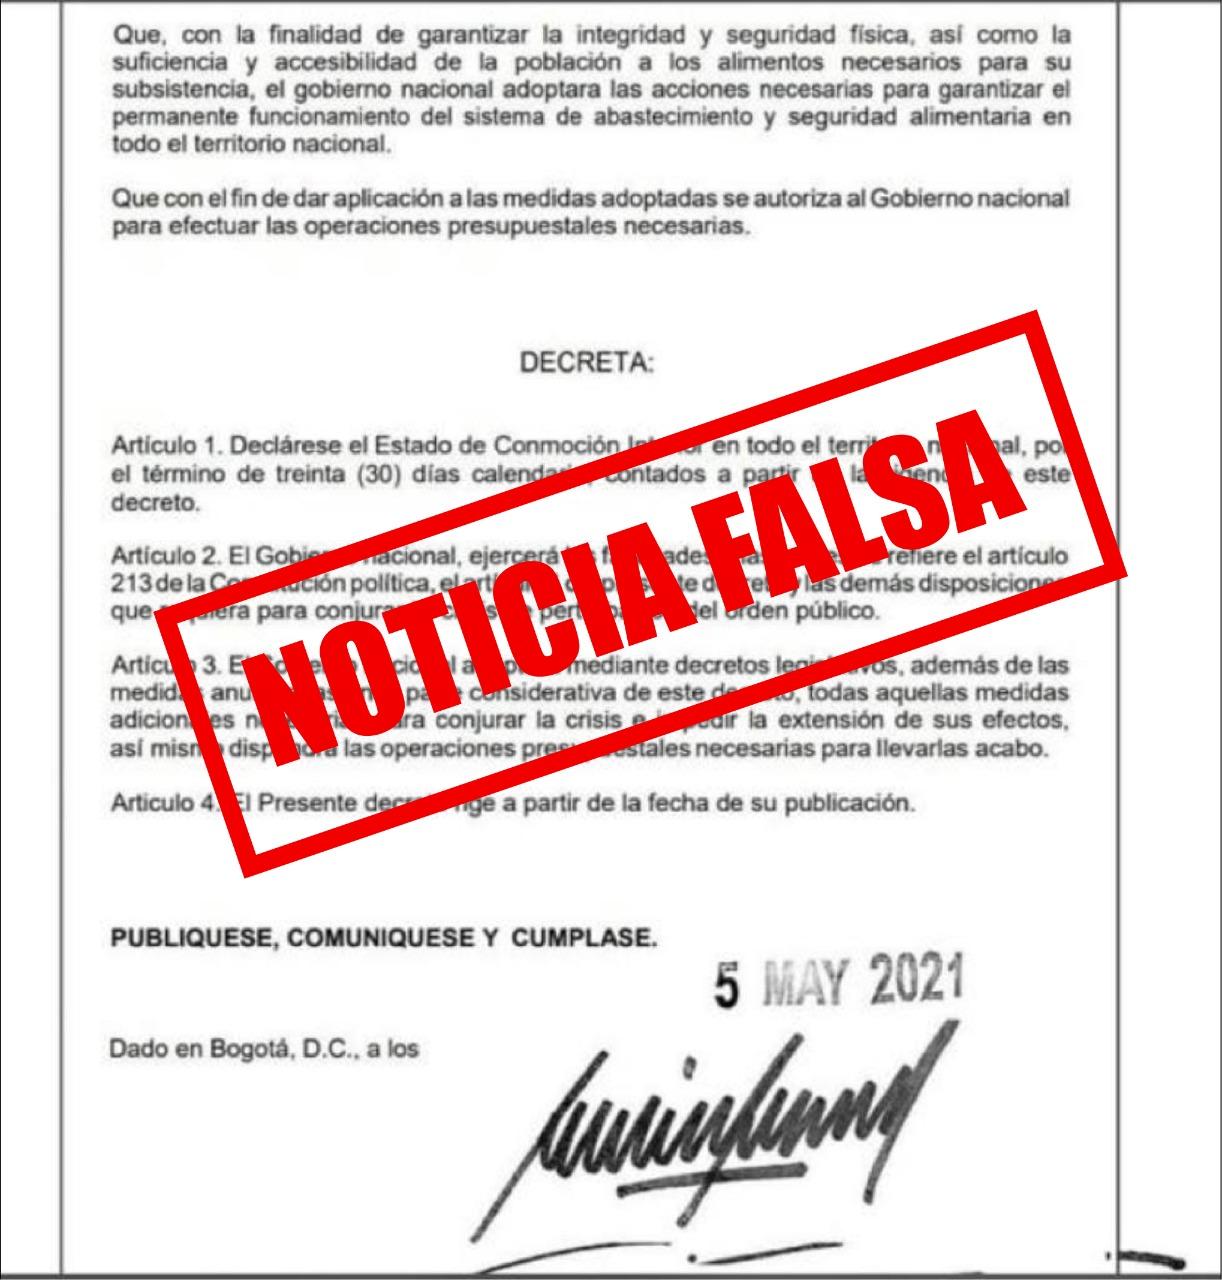 Estado_Conmocion_Interior_Falso